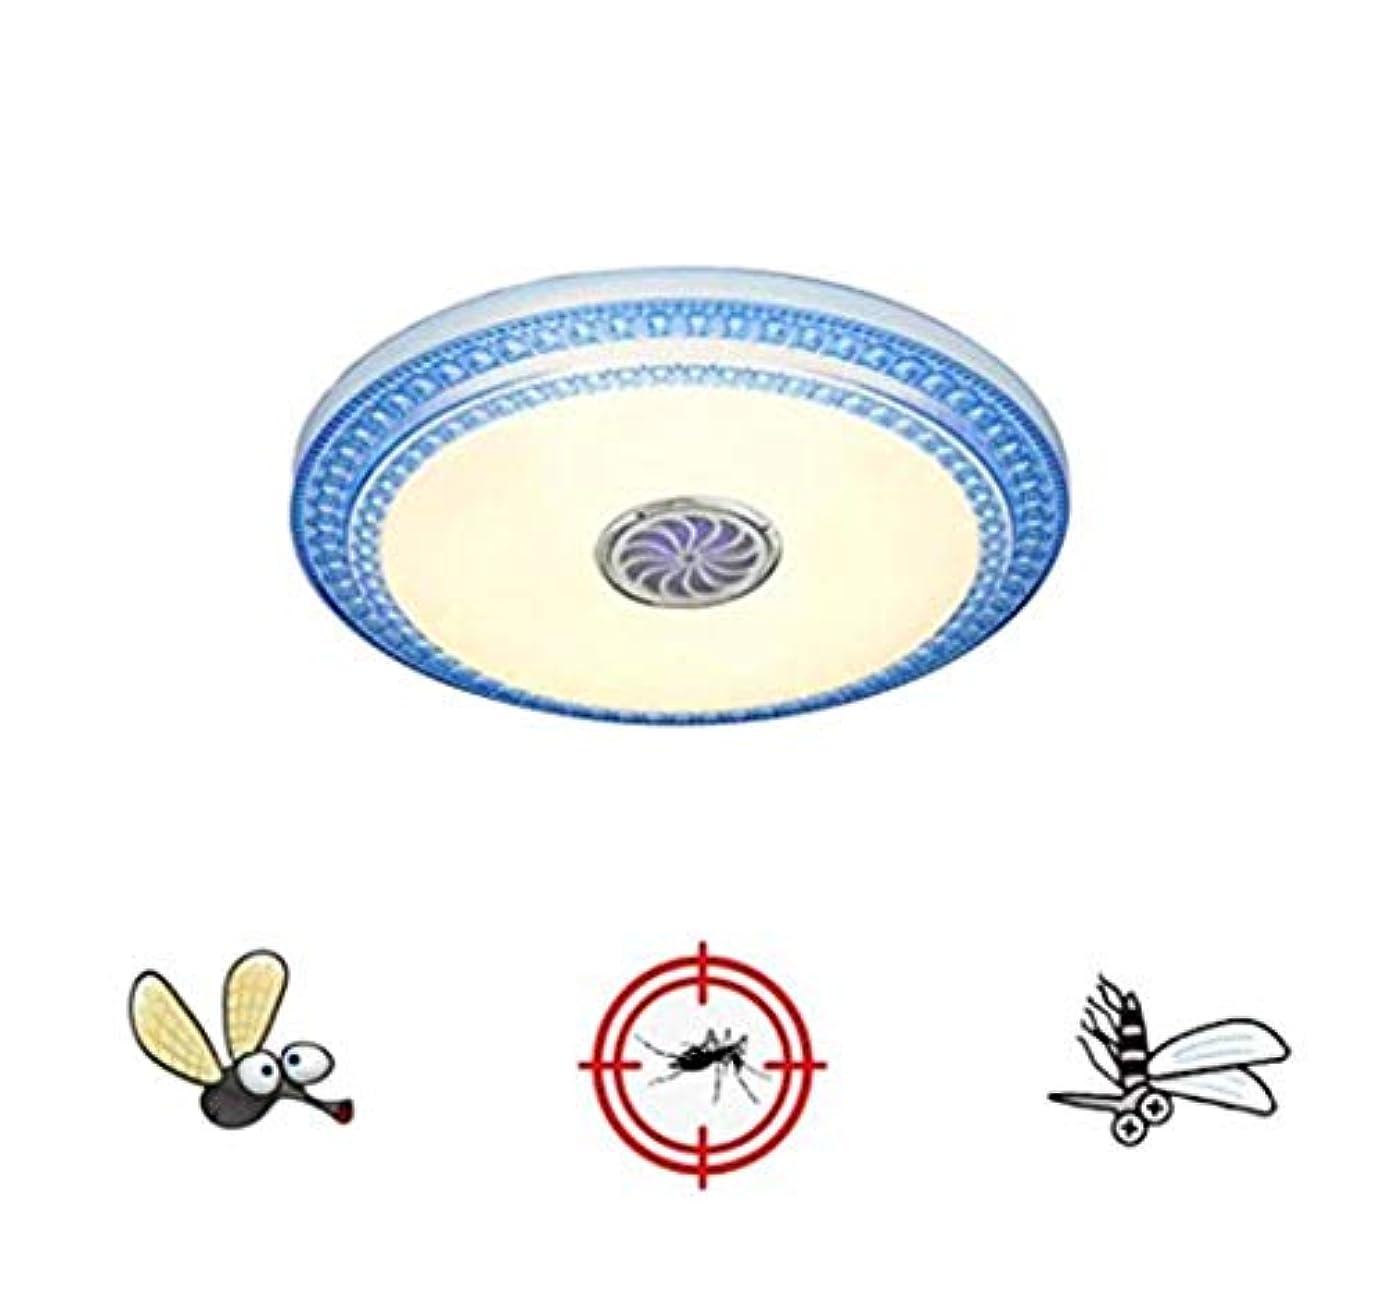 杭見物人所属アンチモスキートシーリングランプ、パープルライトモスキートサイレントLEDシーリングライト、アクリルラウンドシーリングランプ用寝室子供部屋蚊キラーランプ (色 : Blue-40cm)